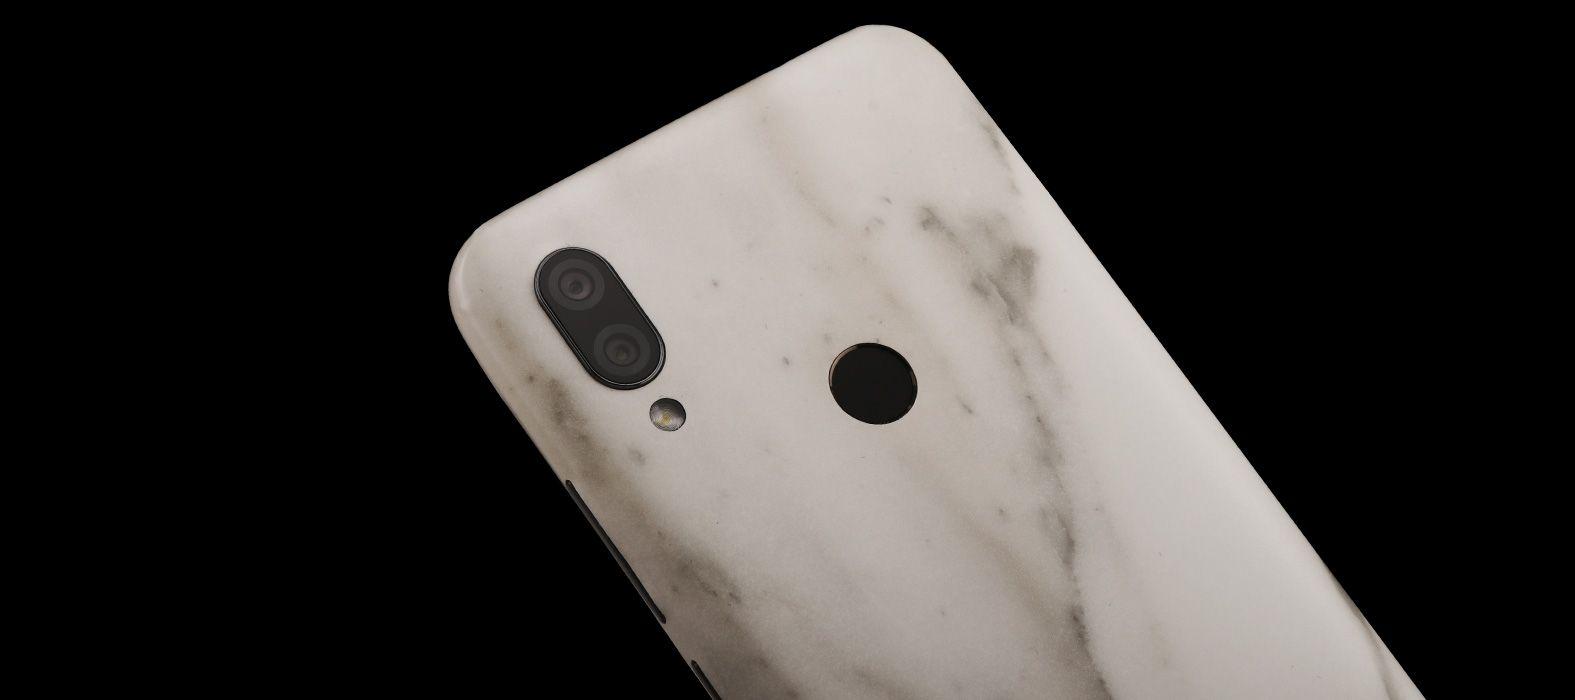 Redmi 7 White Marble Skins